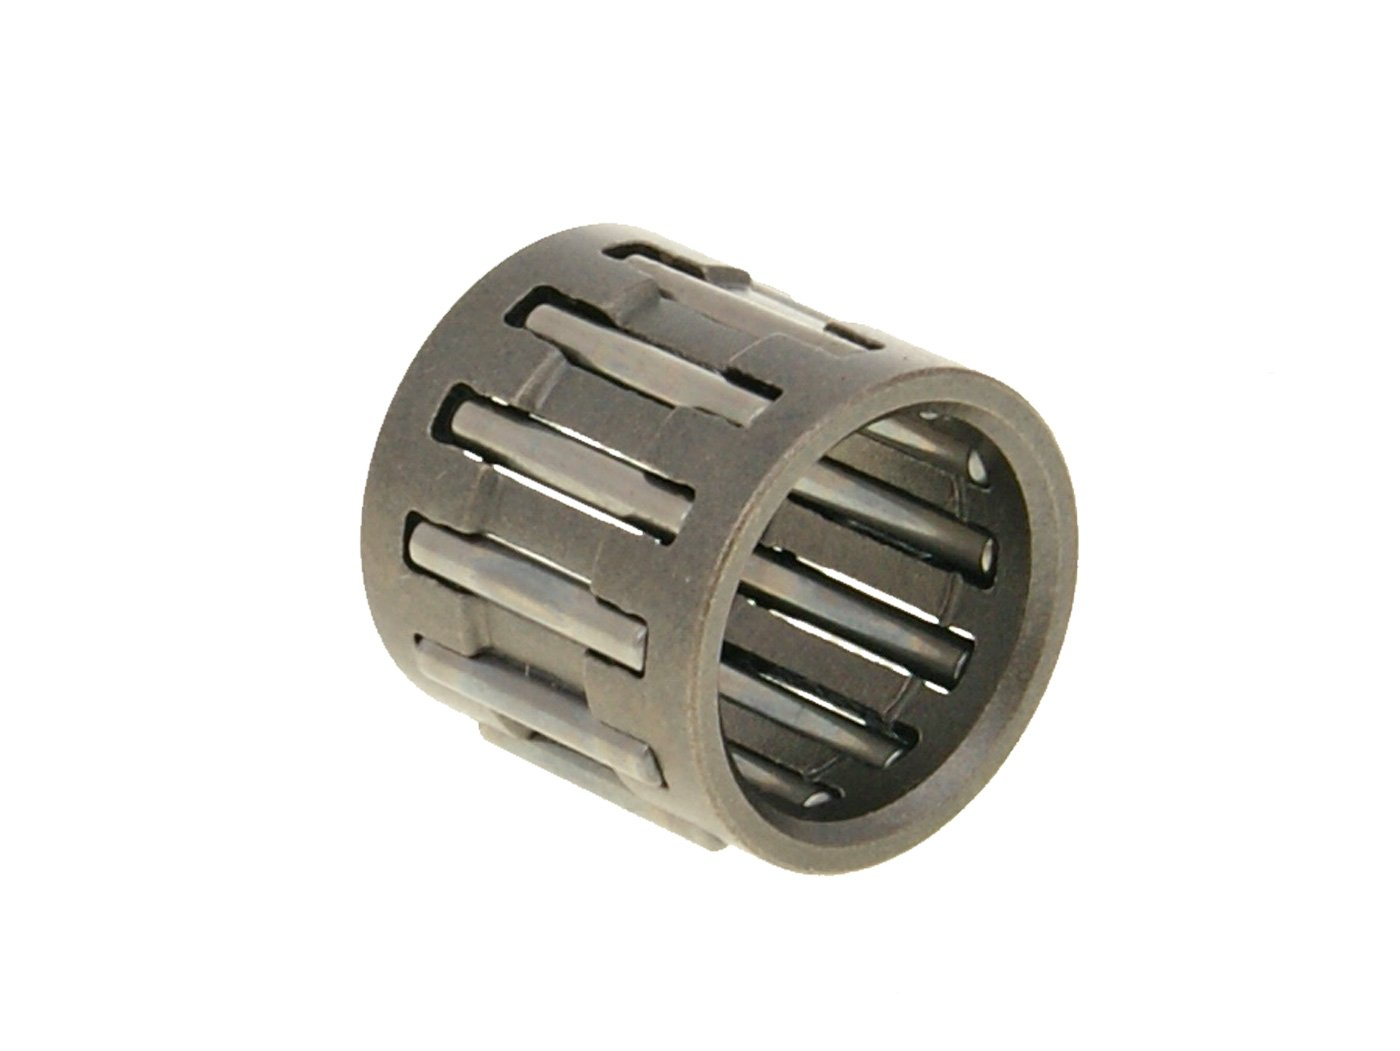 Cage à aiguilles 14mm (14x18x16,8mm) pour Peugeot 100, KTM SX 85 3X Bike Equipment